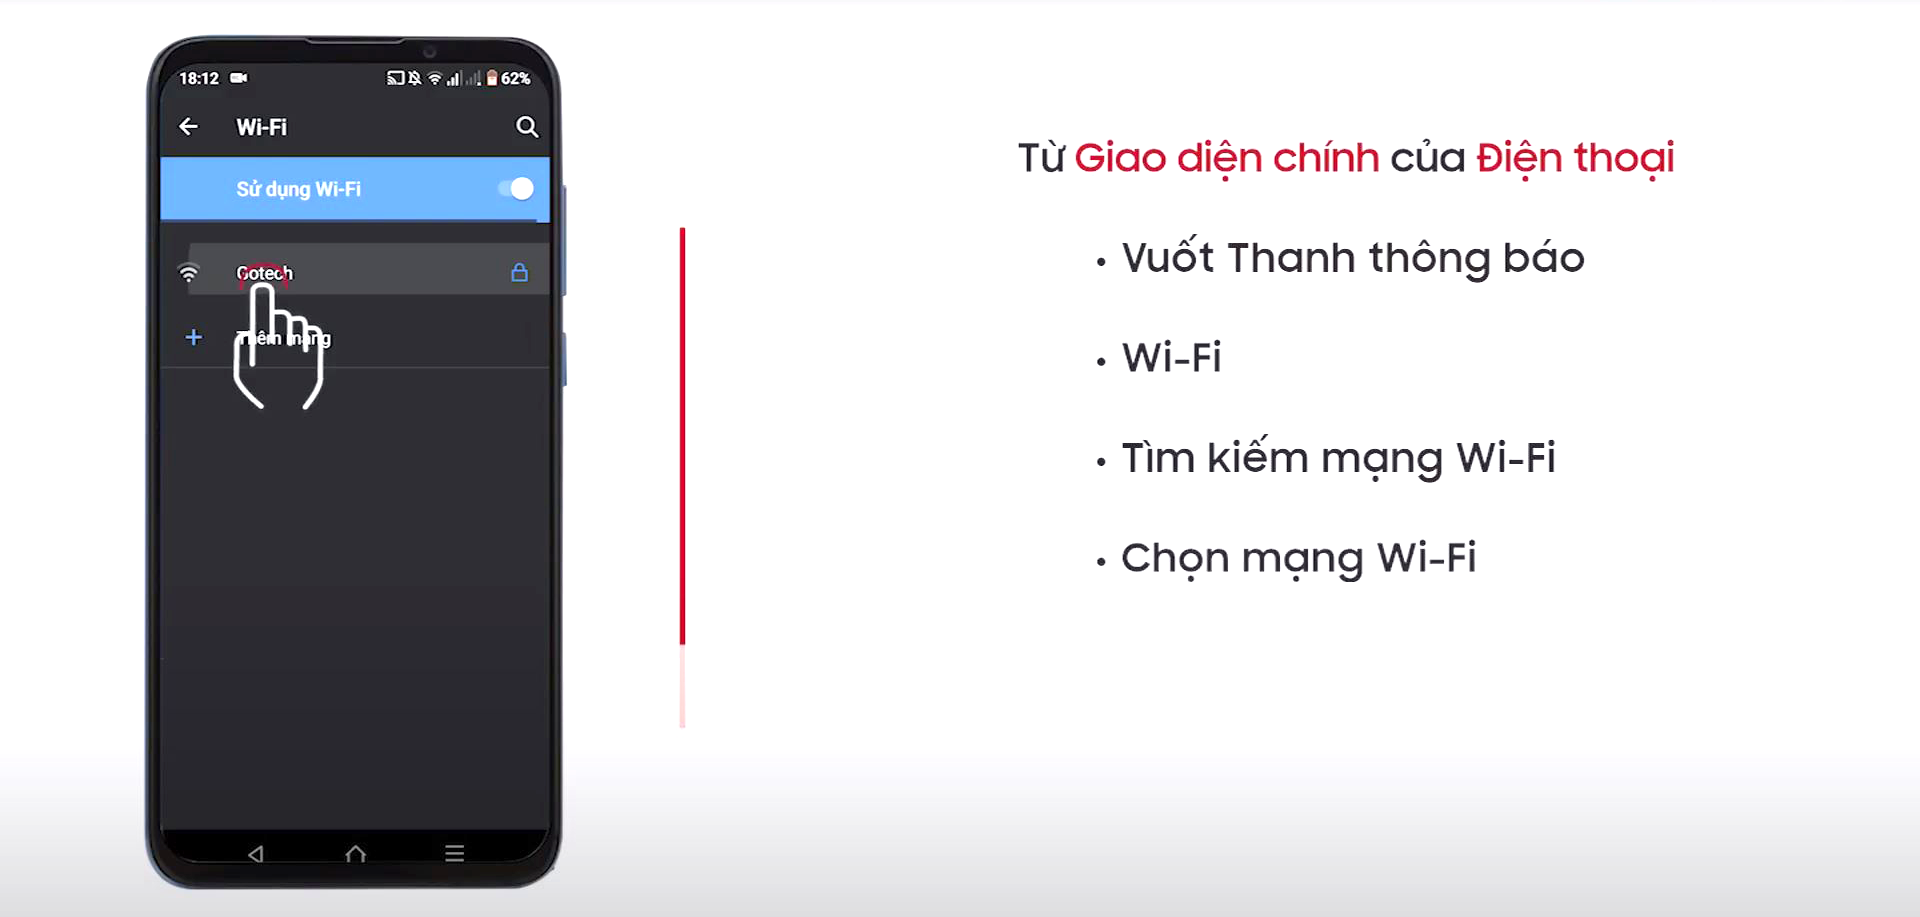 Kết nối wifi trên điện thoại từ mạng wifi của màn hình GOTECH